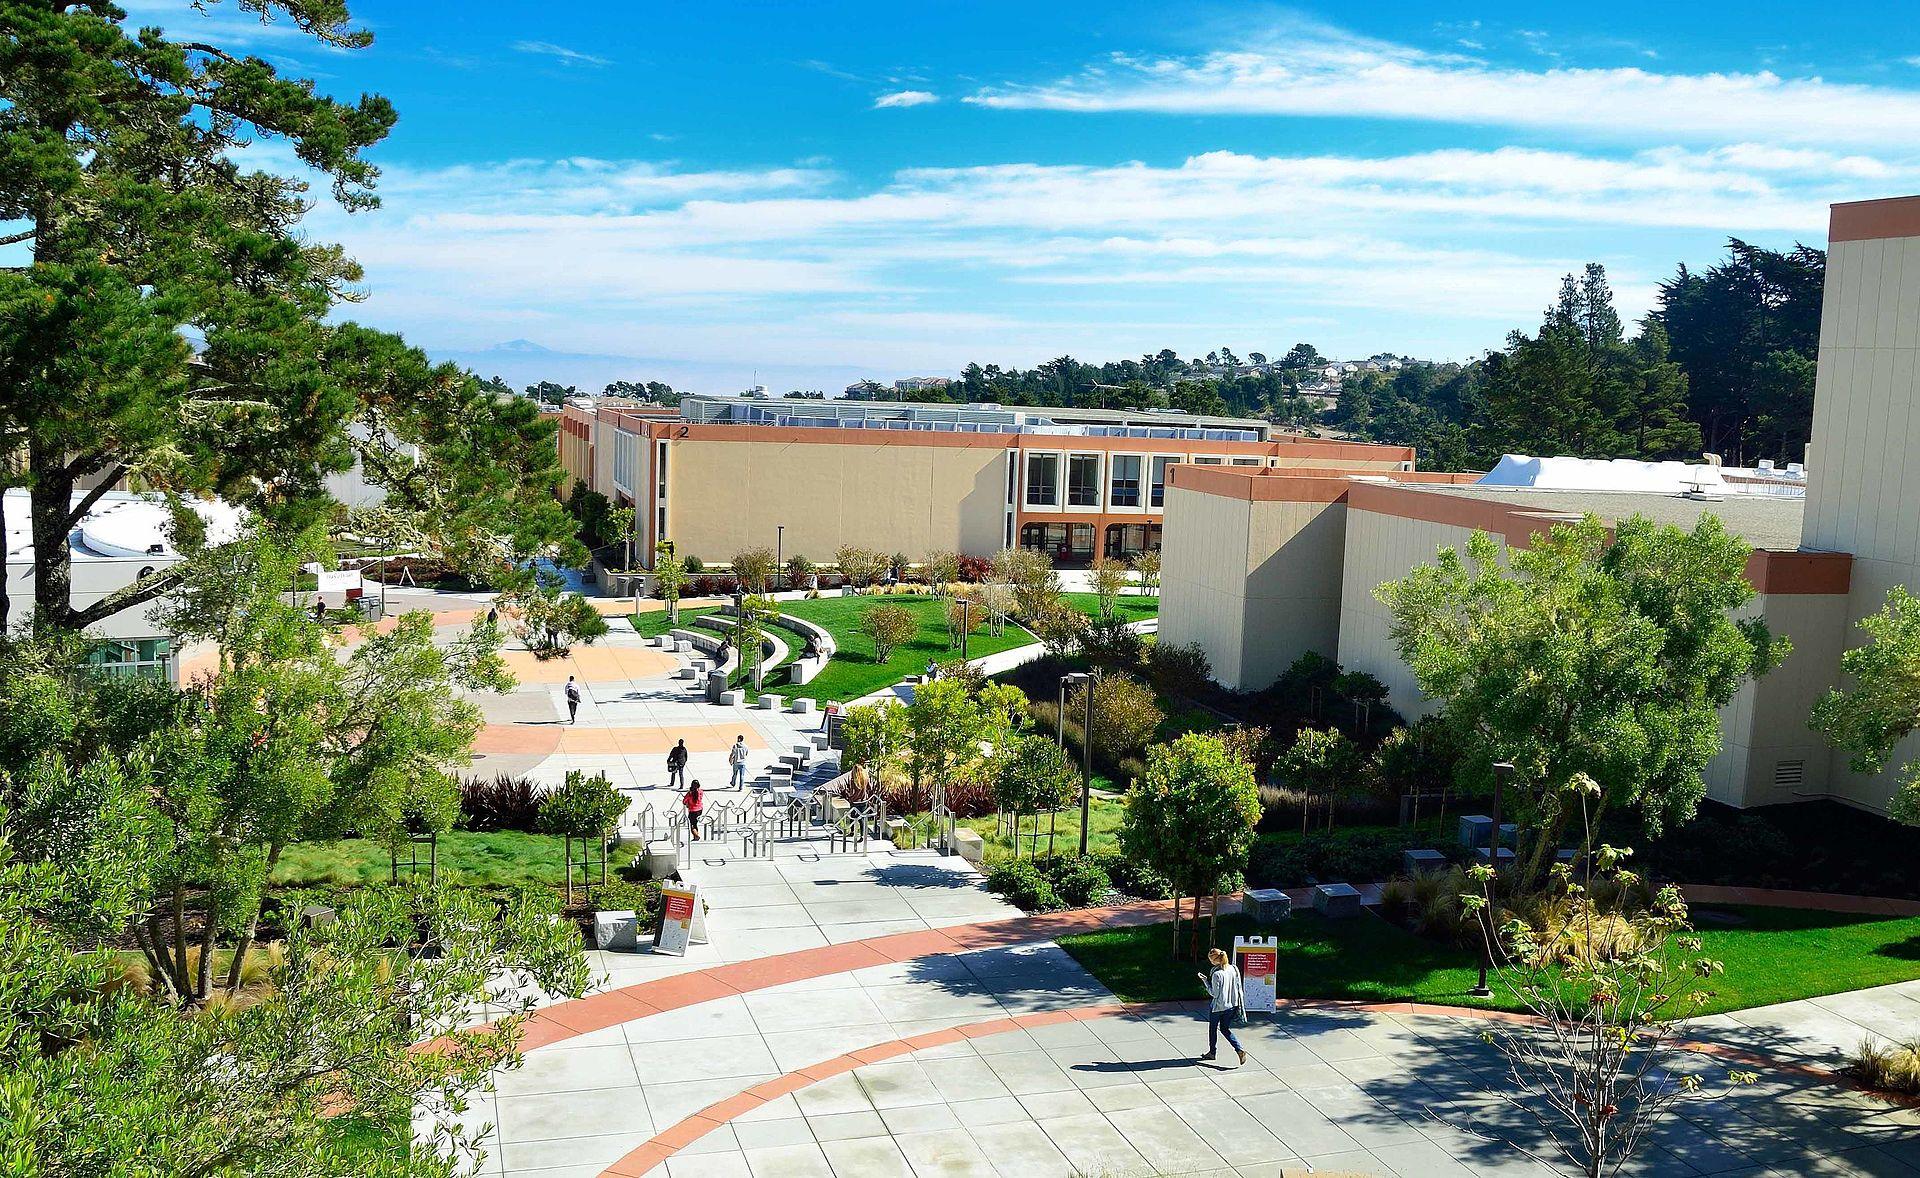 Skyline College - Wikipedia